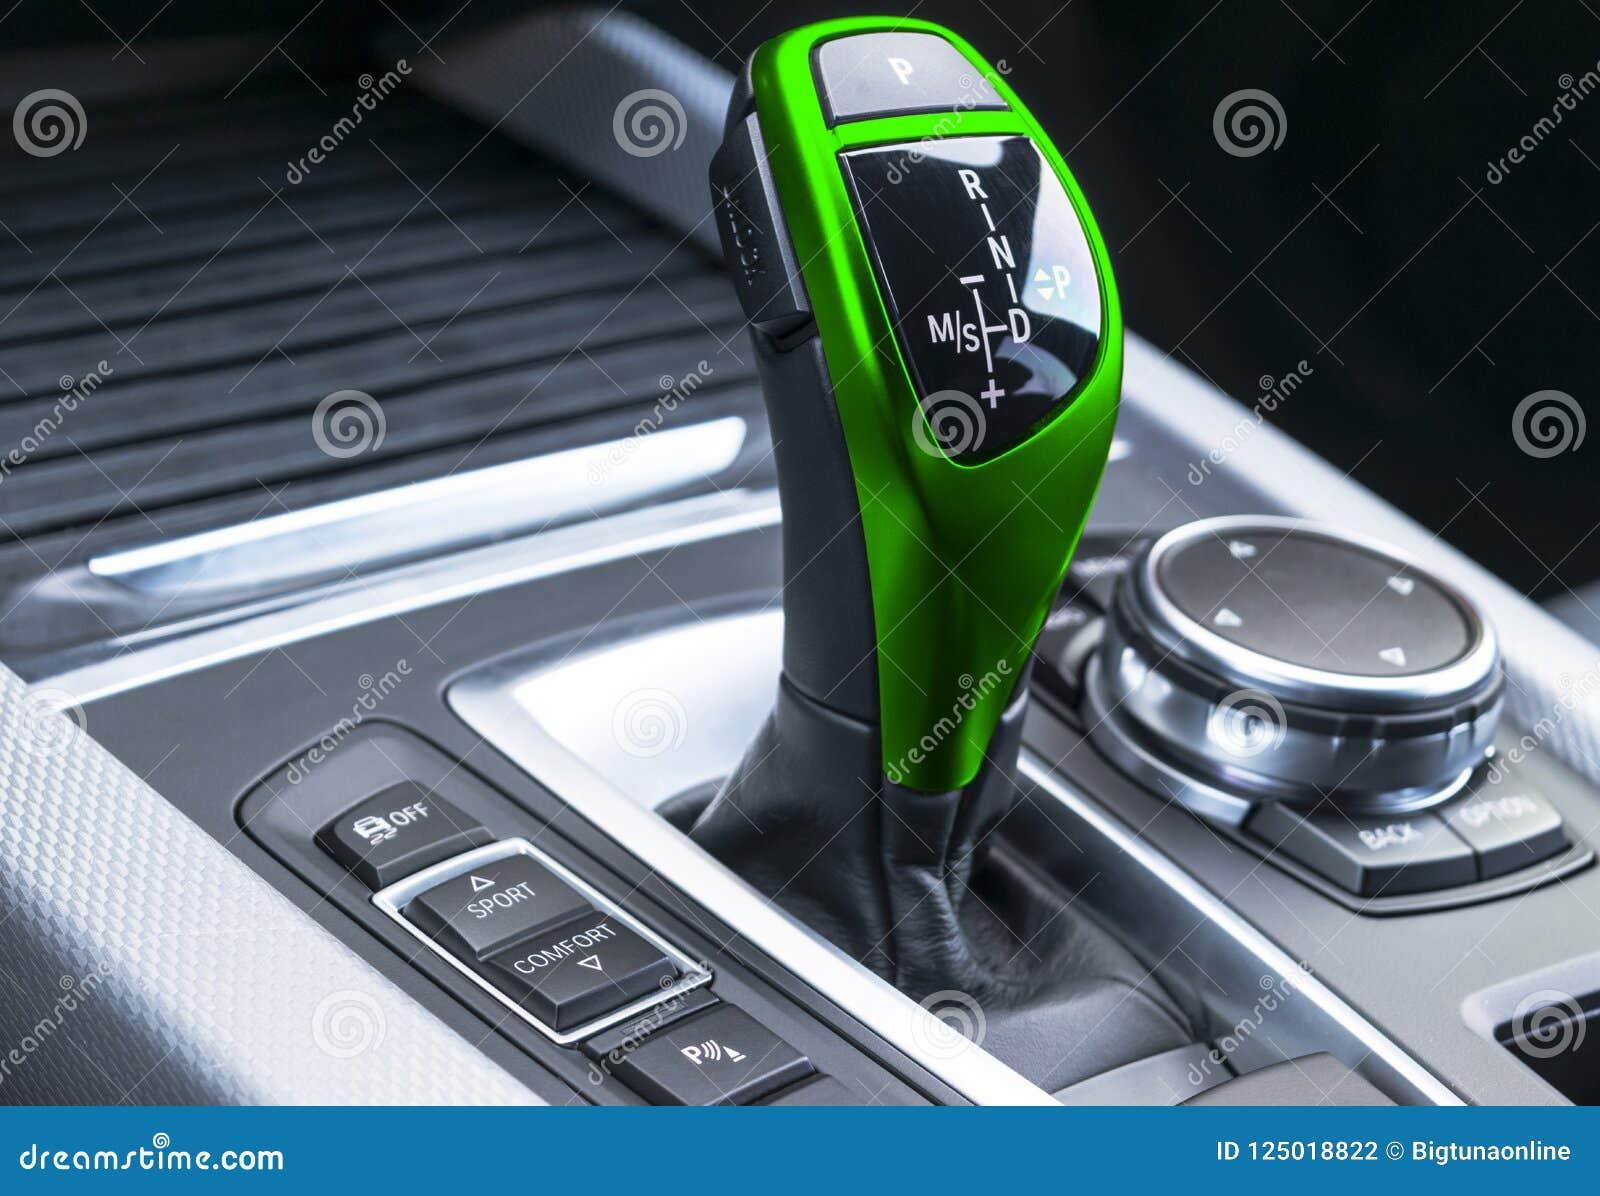 Πράσινο αυτόματο ραβδί εργαλείων ενός σύγχρονου αυτοκινήτου σύγχρονες εσωτερικές λεπτομέρειες αυτοκινήτων Κλείστε επάνω την όψη Α